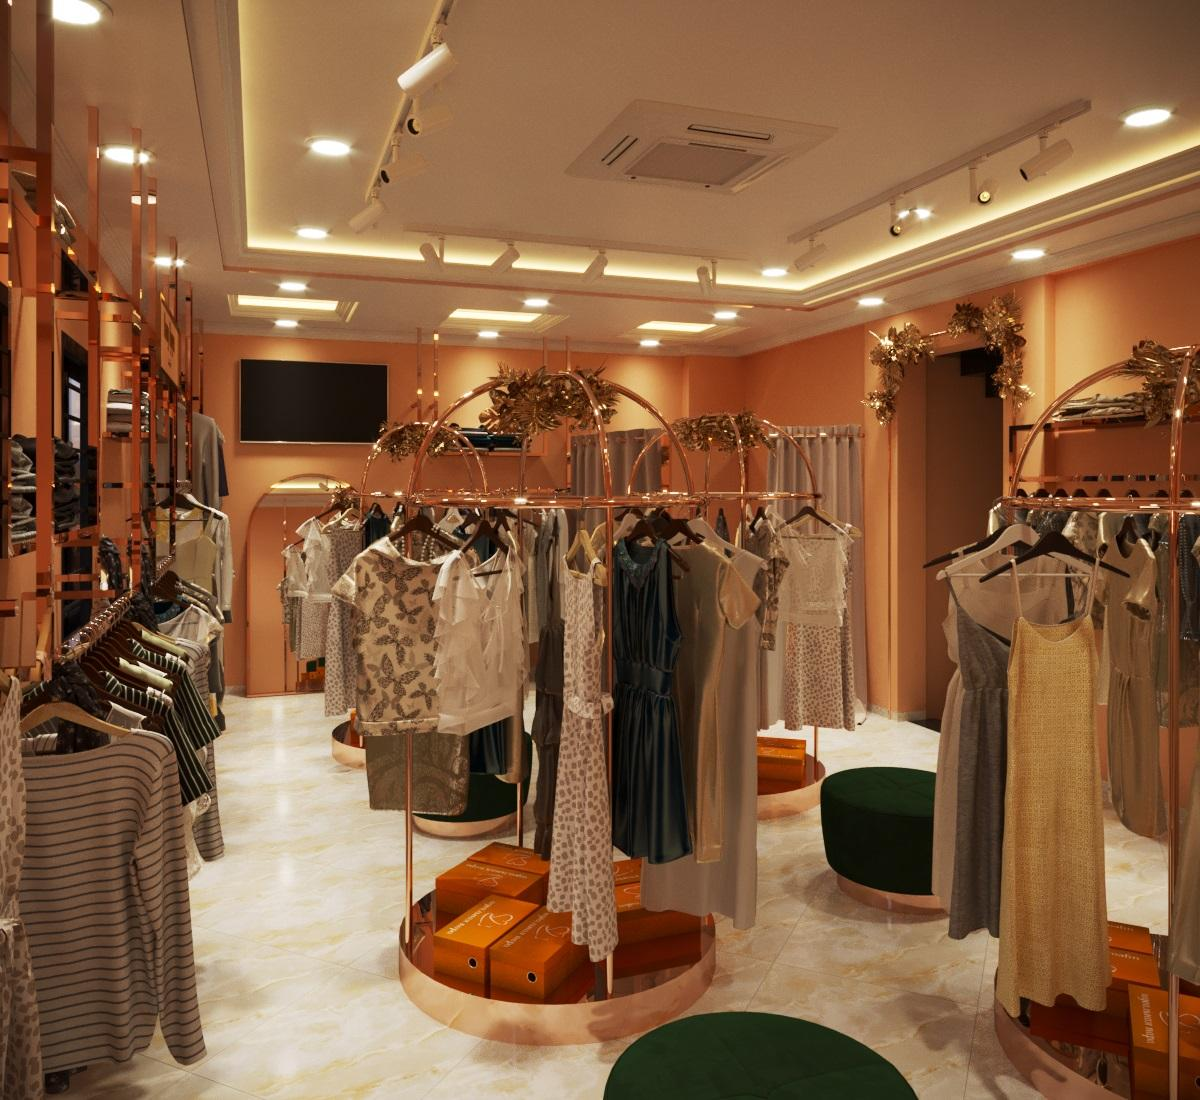 thiết kế nội thất Shop tại Hà Nội SHOP THỜI TRANG DANNY NGUYEN 8 1569650997